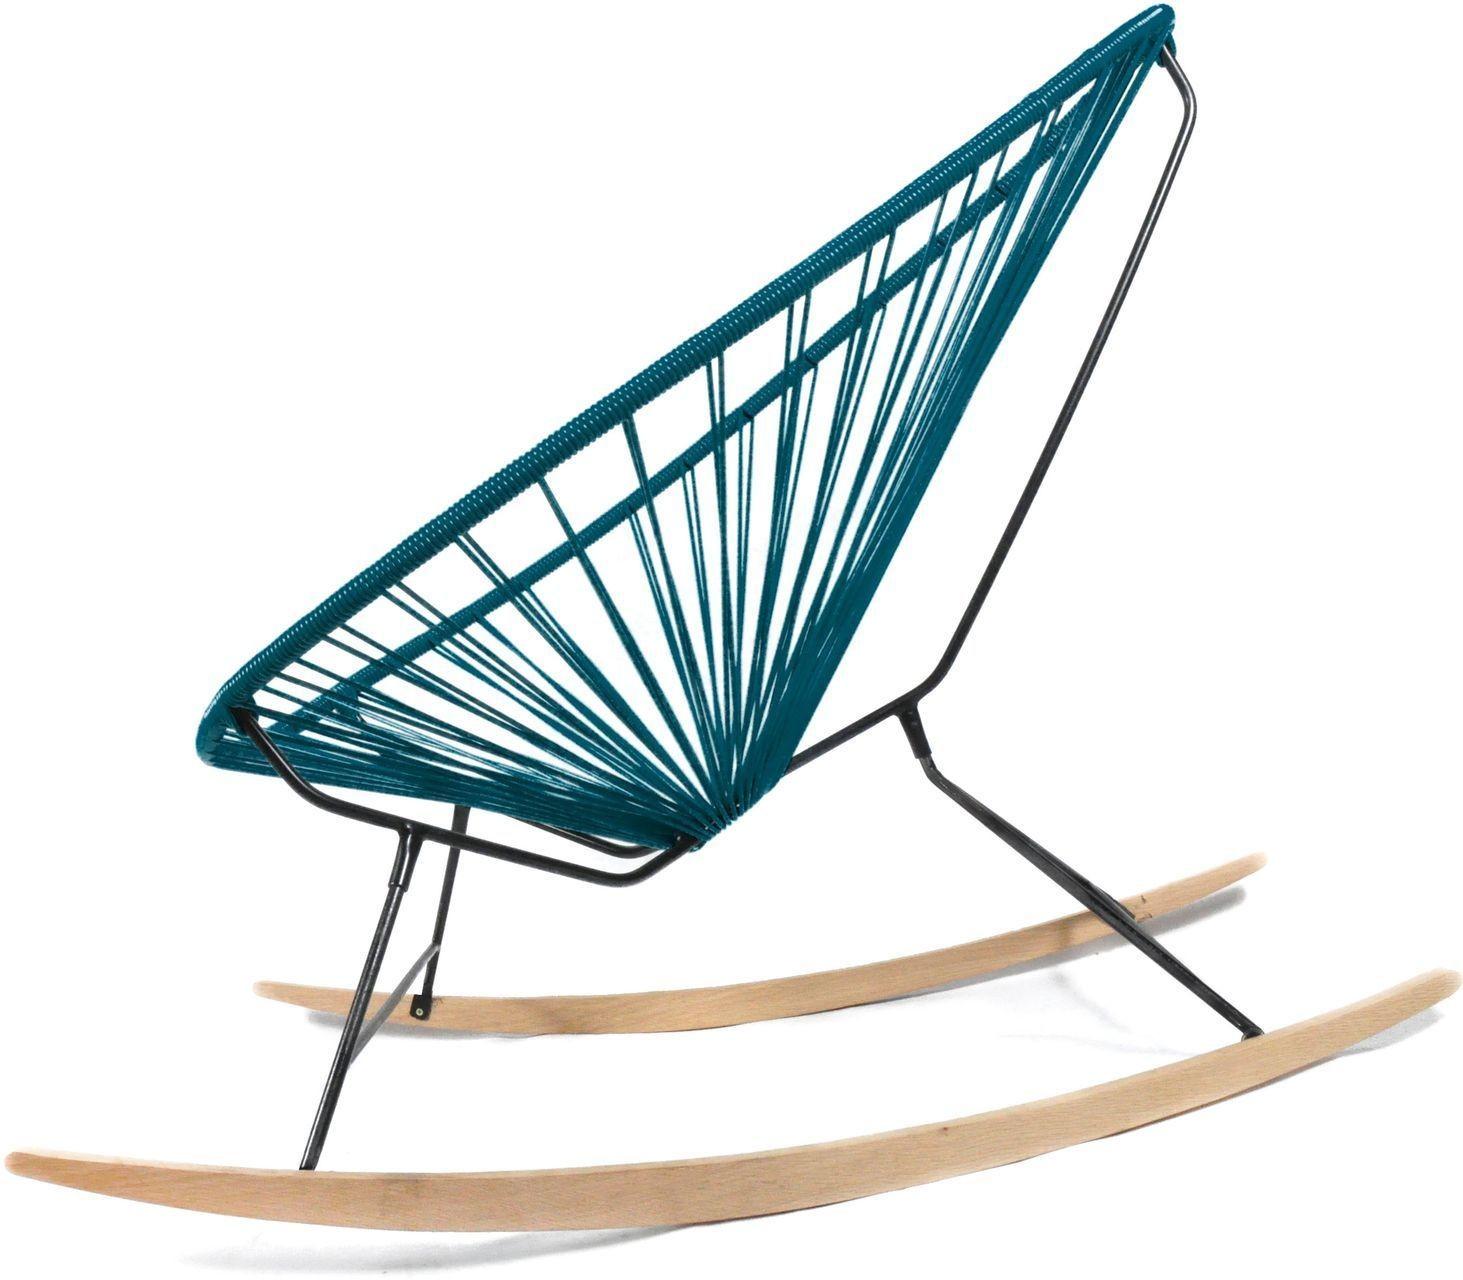 Acapulco chair wood rocker design schaukelstuhl boqa for Schaukelstuhl petrol